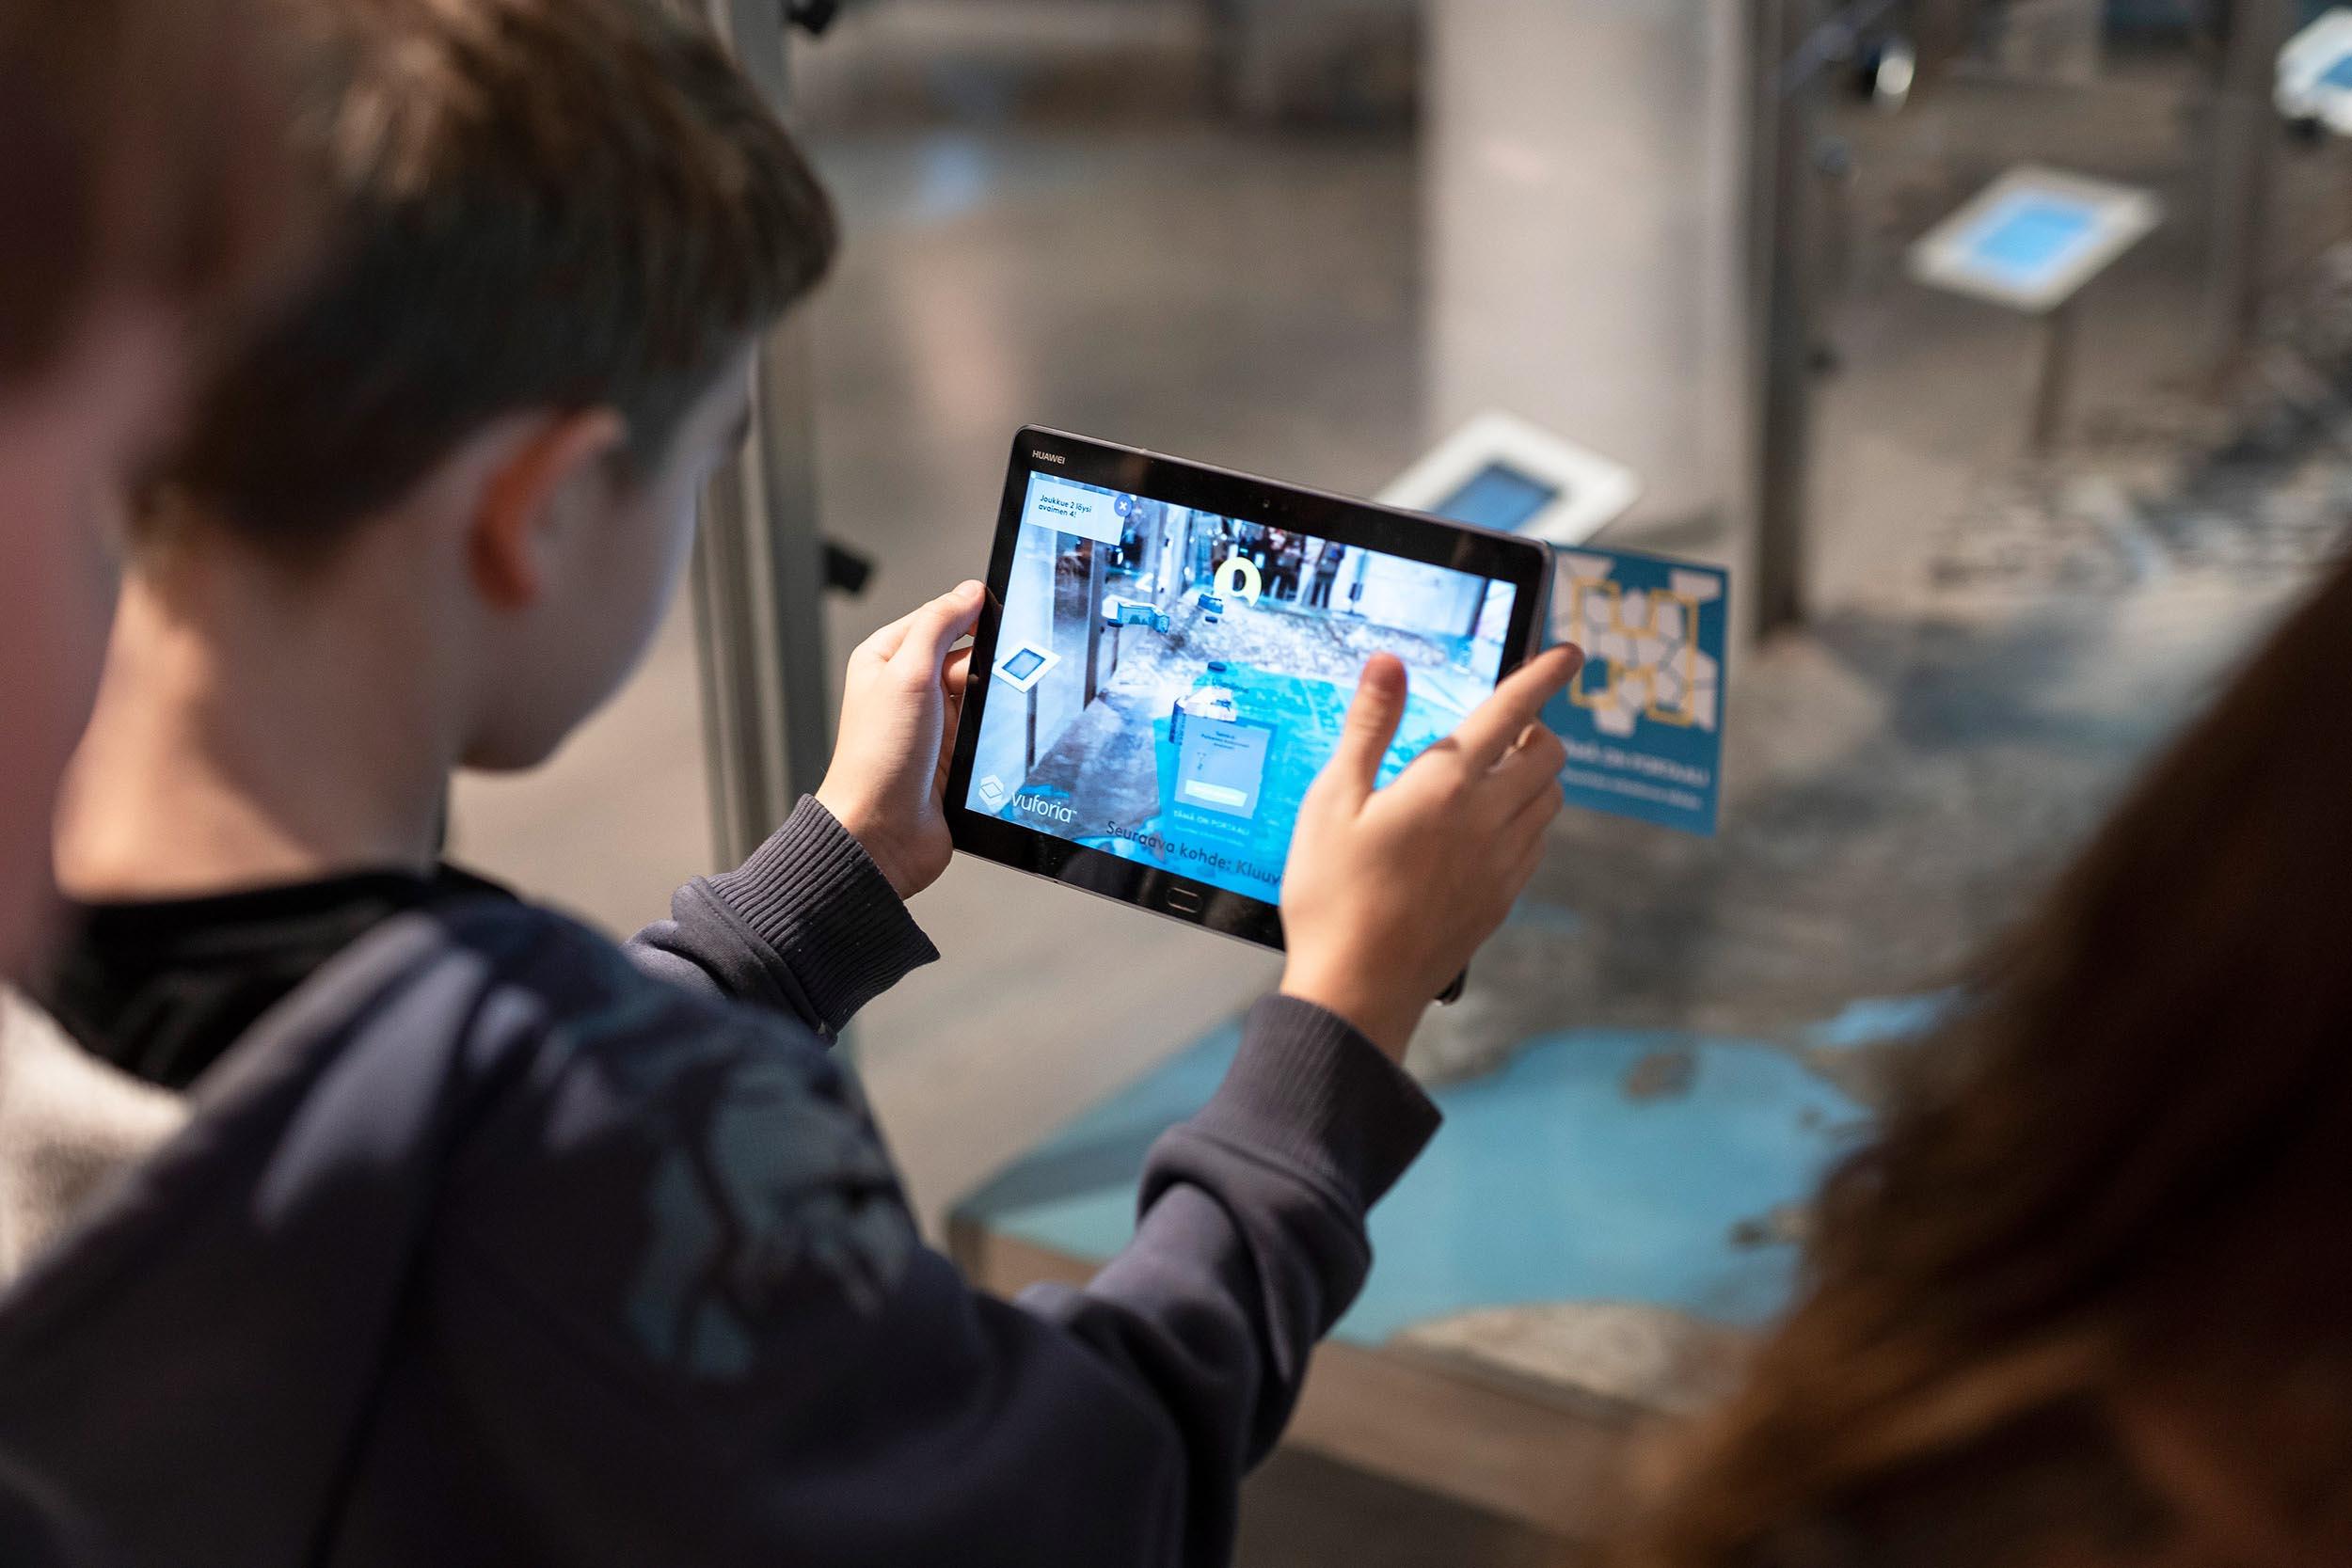 Koululainen (poika) osoittaa iPadia kaupungin pienoismallia kohti. Kuvattu takaviistosta.